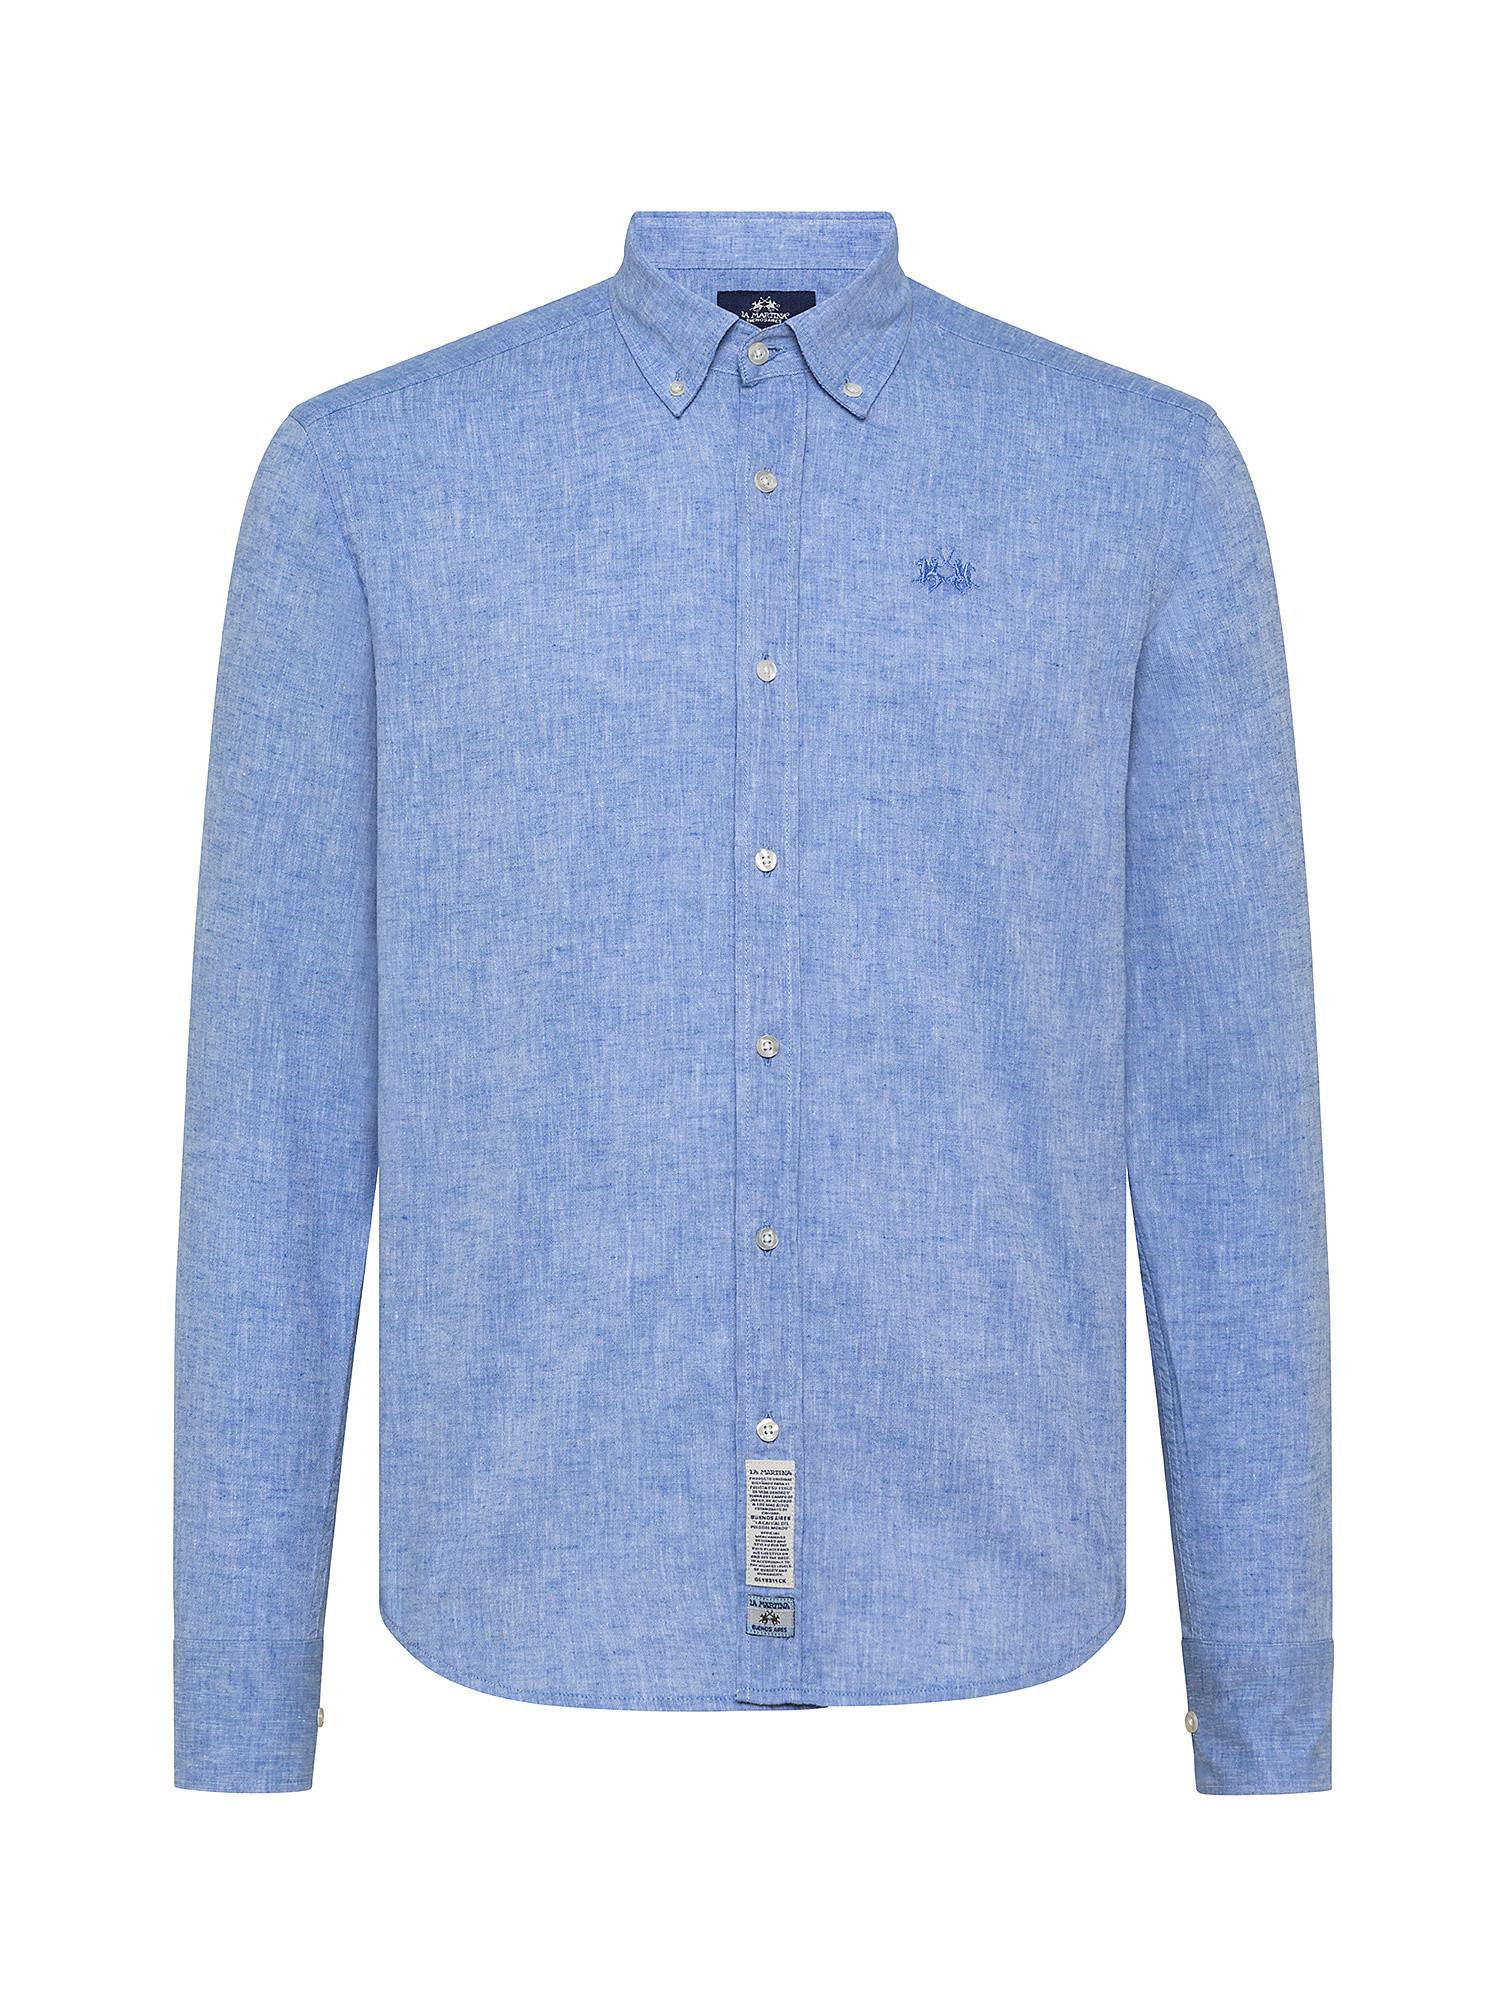 Camicia da uomo in cotone misto lino regular fit, Azzurro, large image number 0